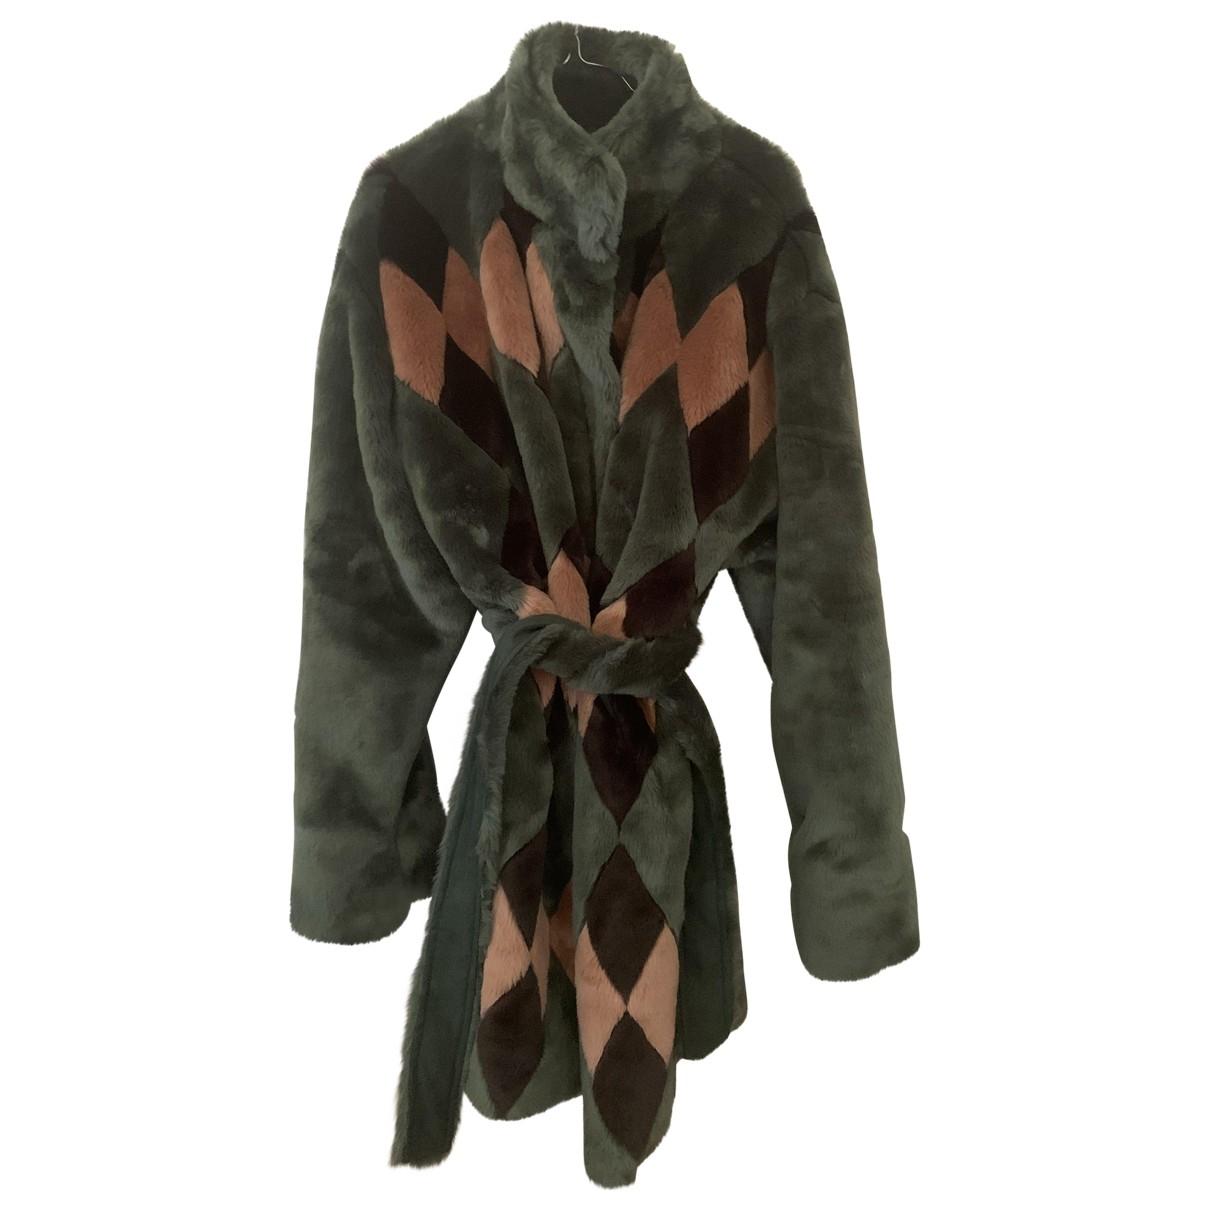 Antik Batik - Veste   pour femme en fourrure synthetique - multicolore